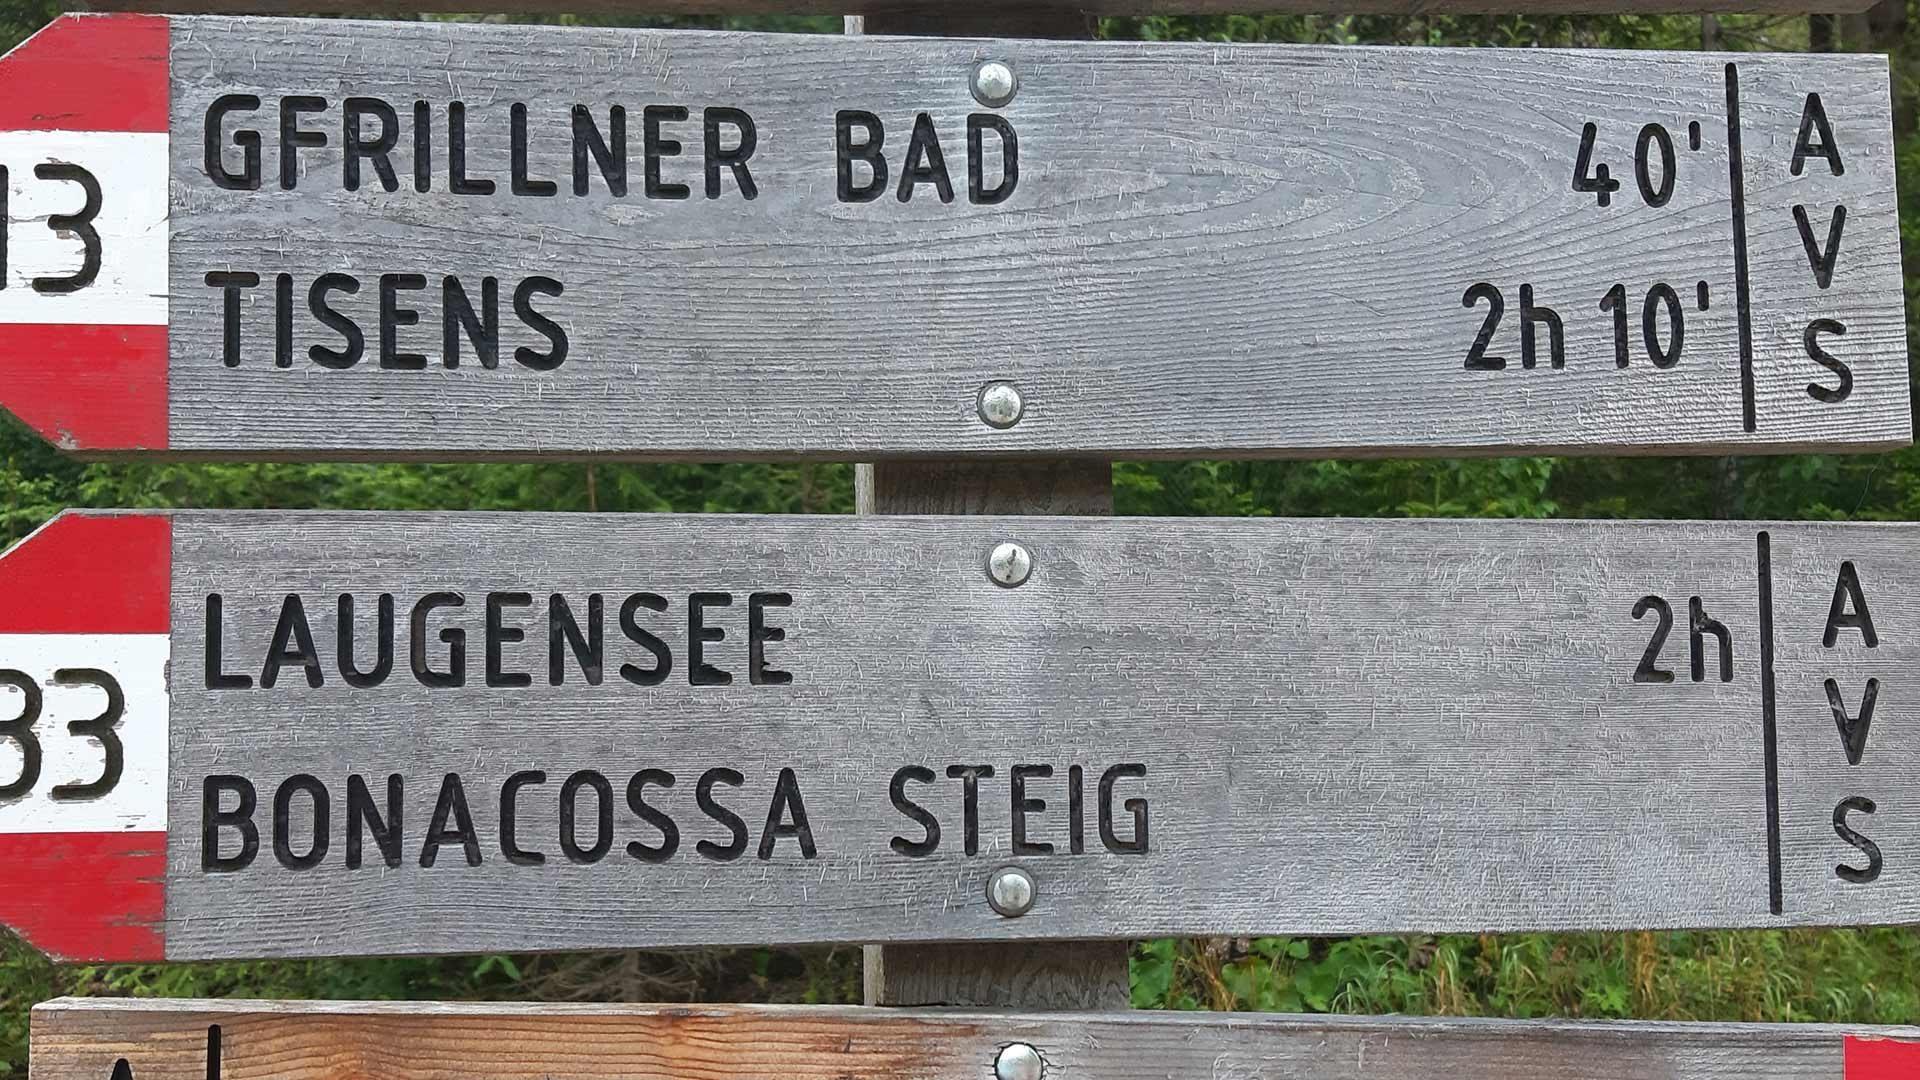 Aldo-Bonacossa-Steig